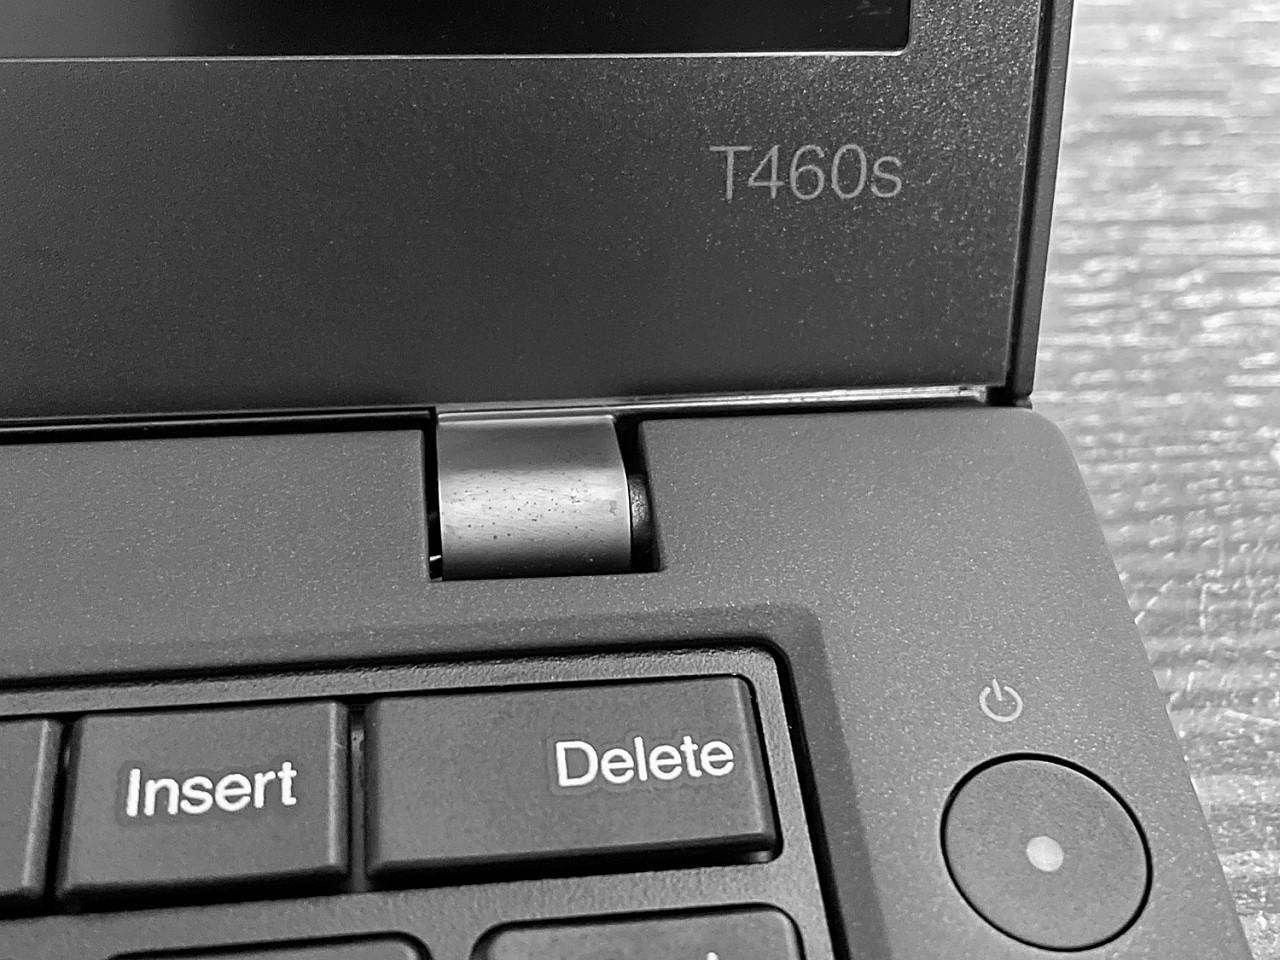 ThinkPad T460s の記事一覧